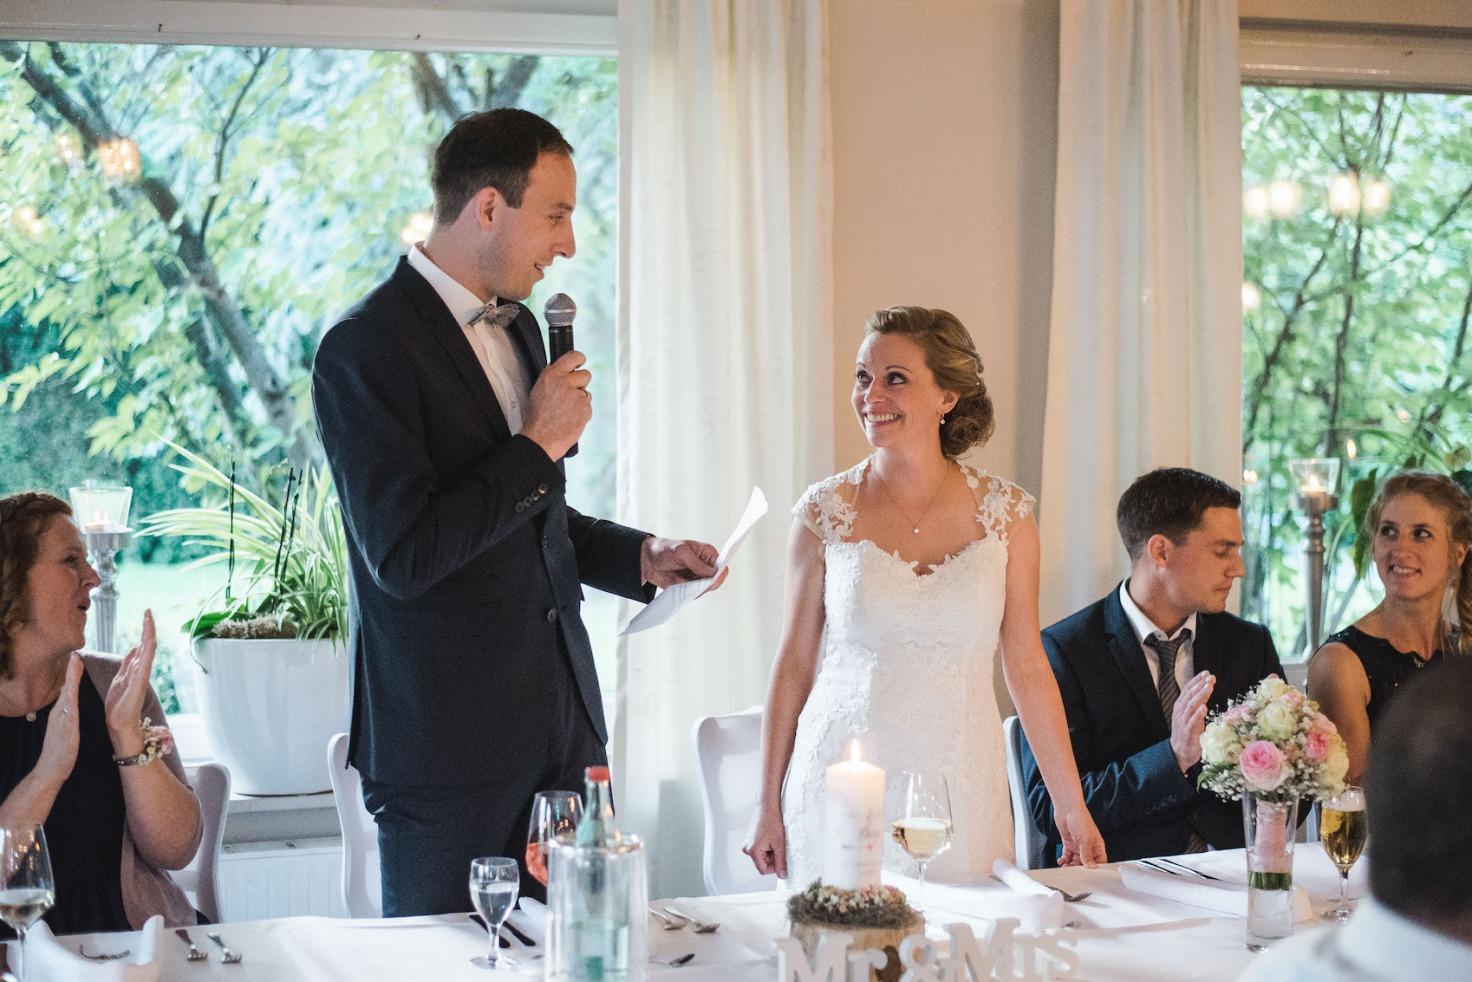 Hochzeitsfotograf Münster - Hochzeitsrede